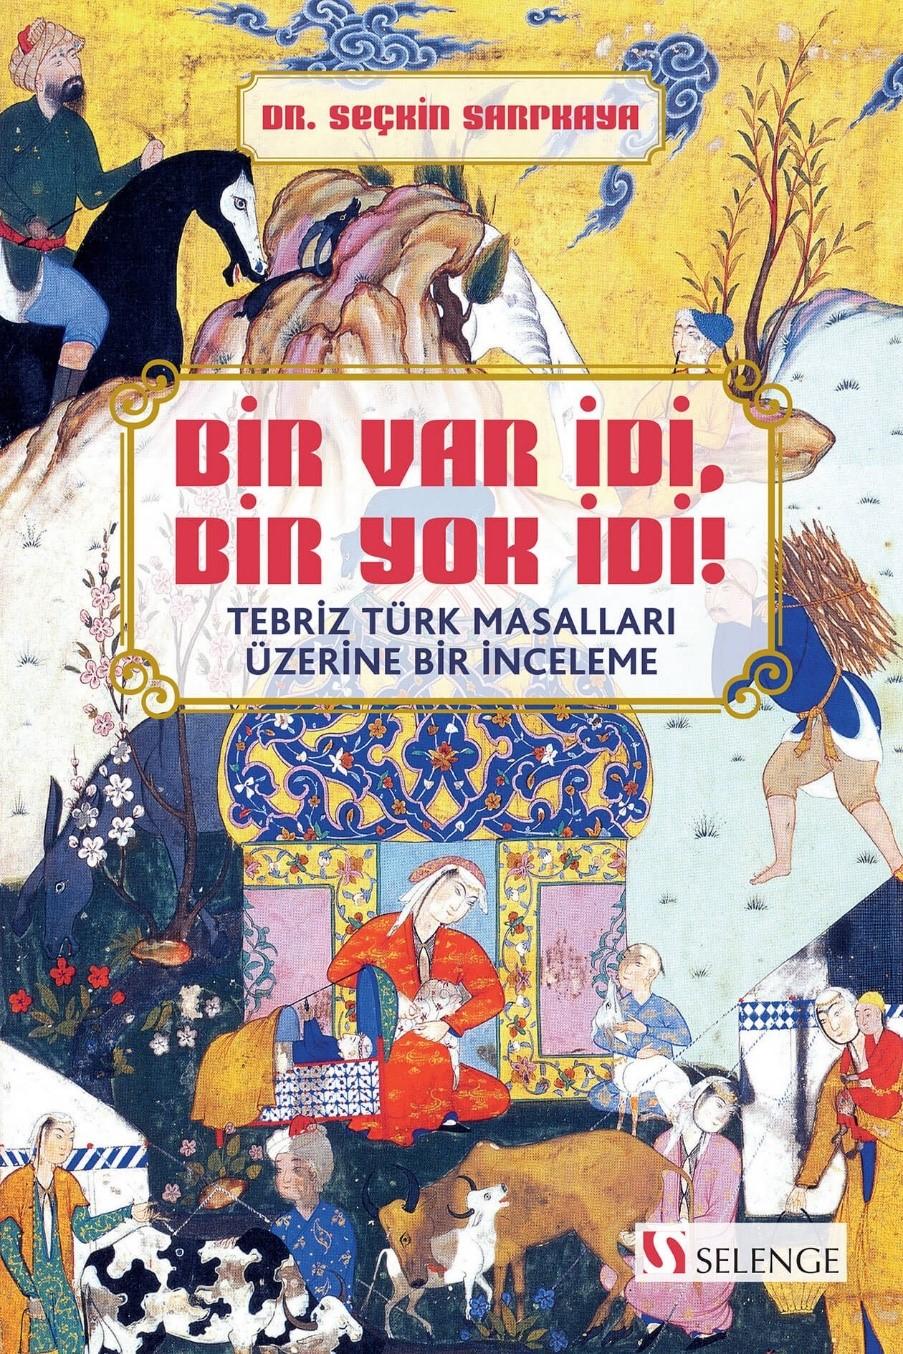 Bir Var İdi, Bir Yok İdi! & Tebriz Türk Masalları Üzerine Bir İnceleme